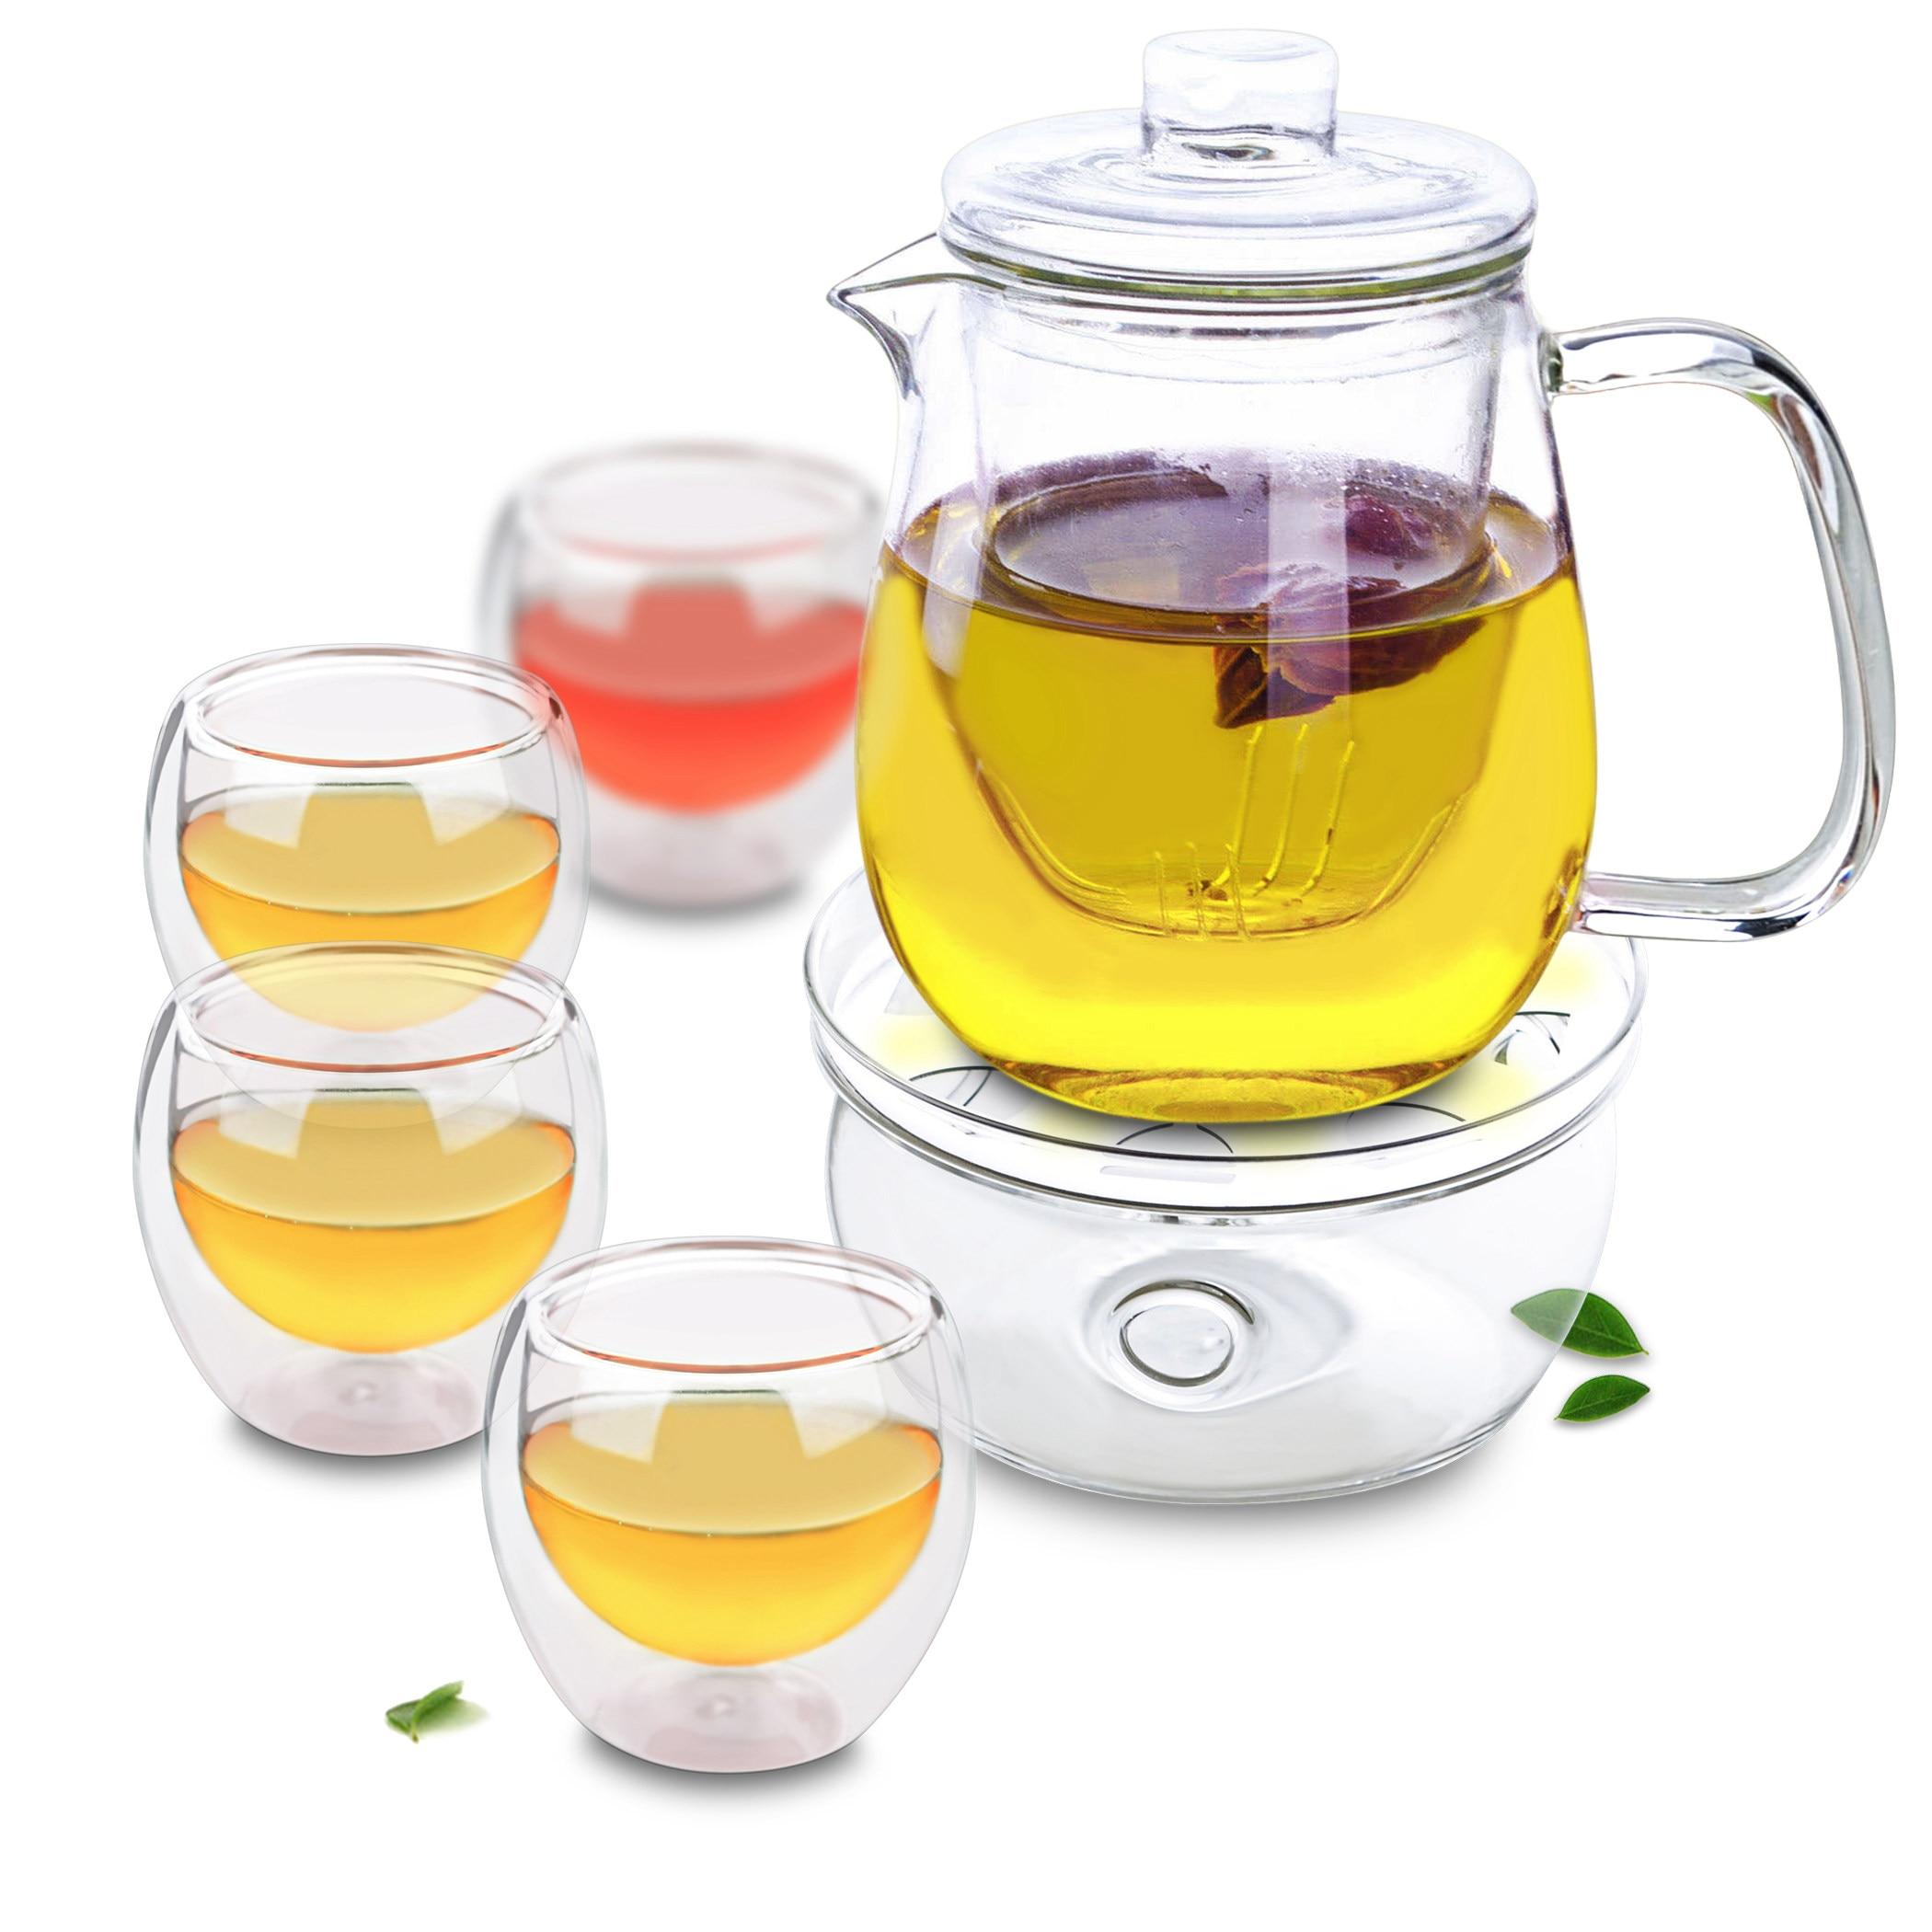 البطريق نمط إبريق الشاي & 4 قطعة مزدوجة الجدار Teacups & مستديرة أكثر دفئا-طقم شاي